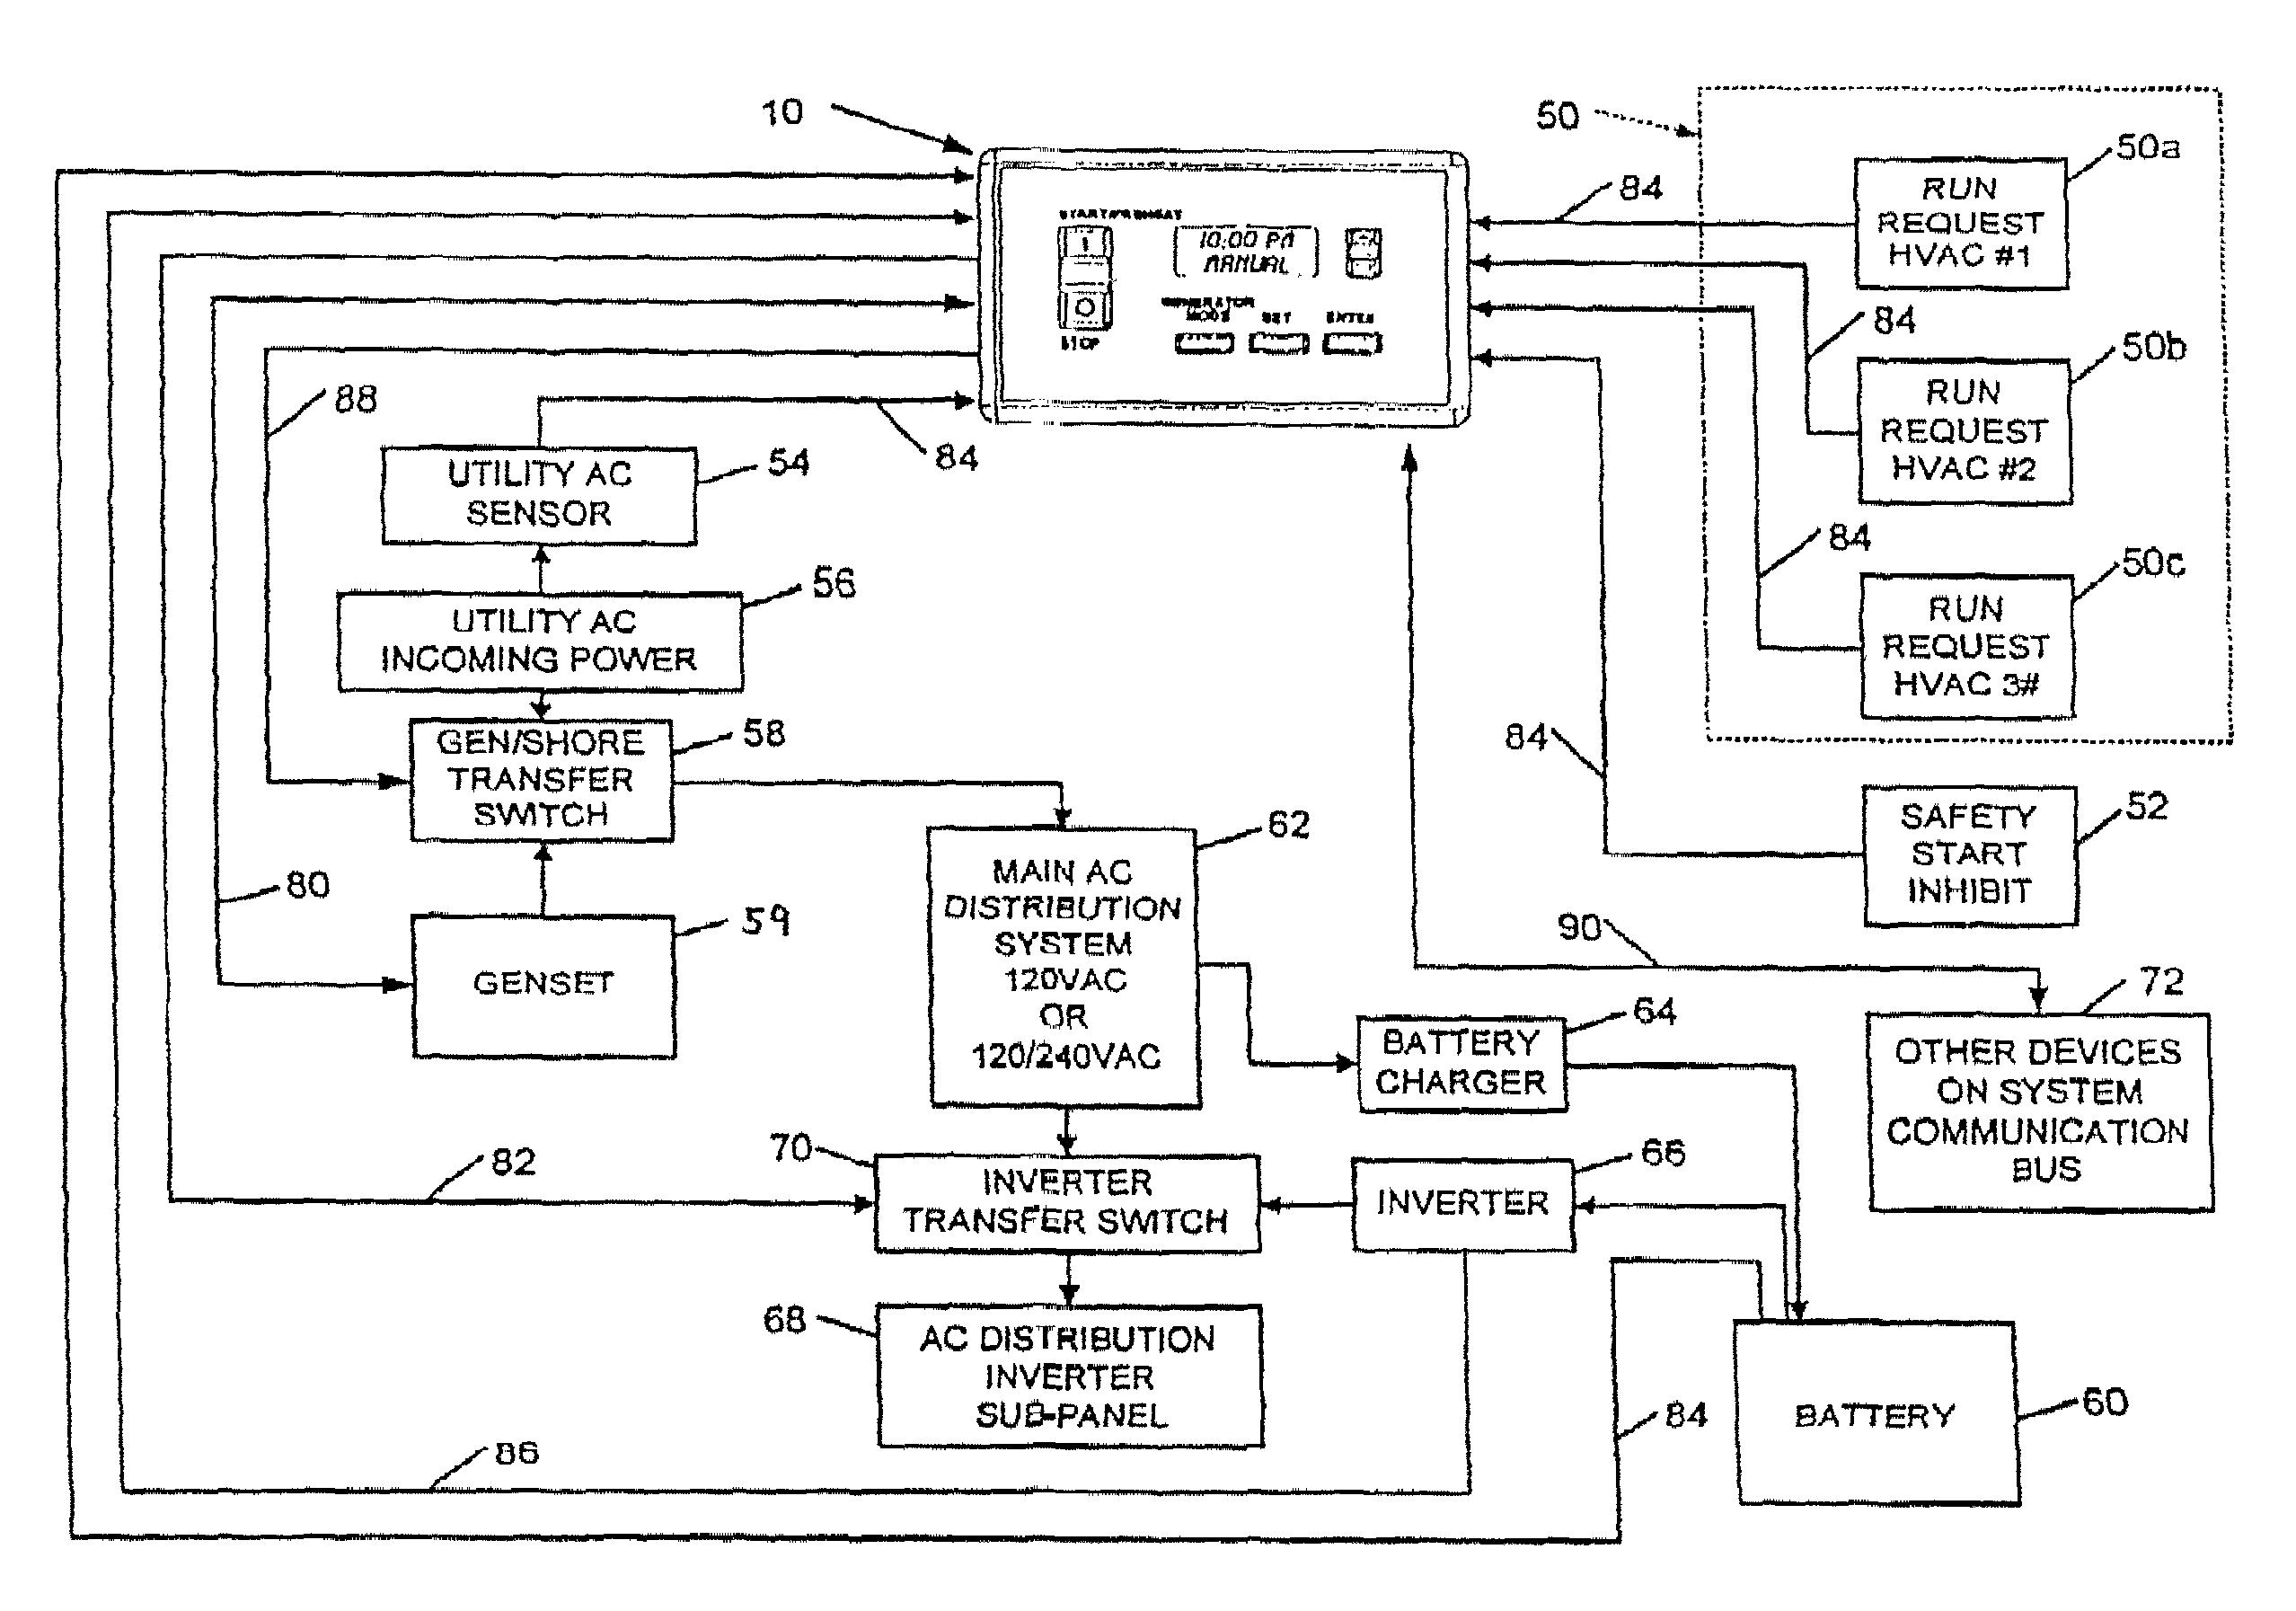 Awesome Generator Onan Wiring Circuit Diagram Photos - Wiring ...